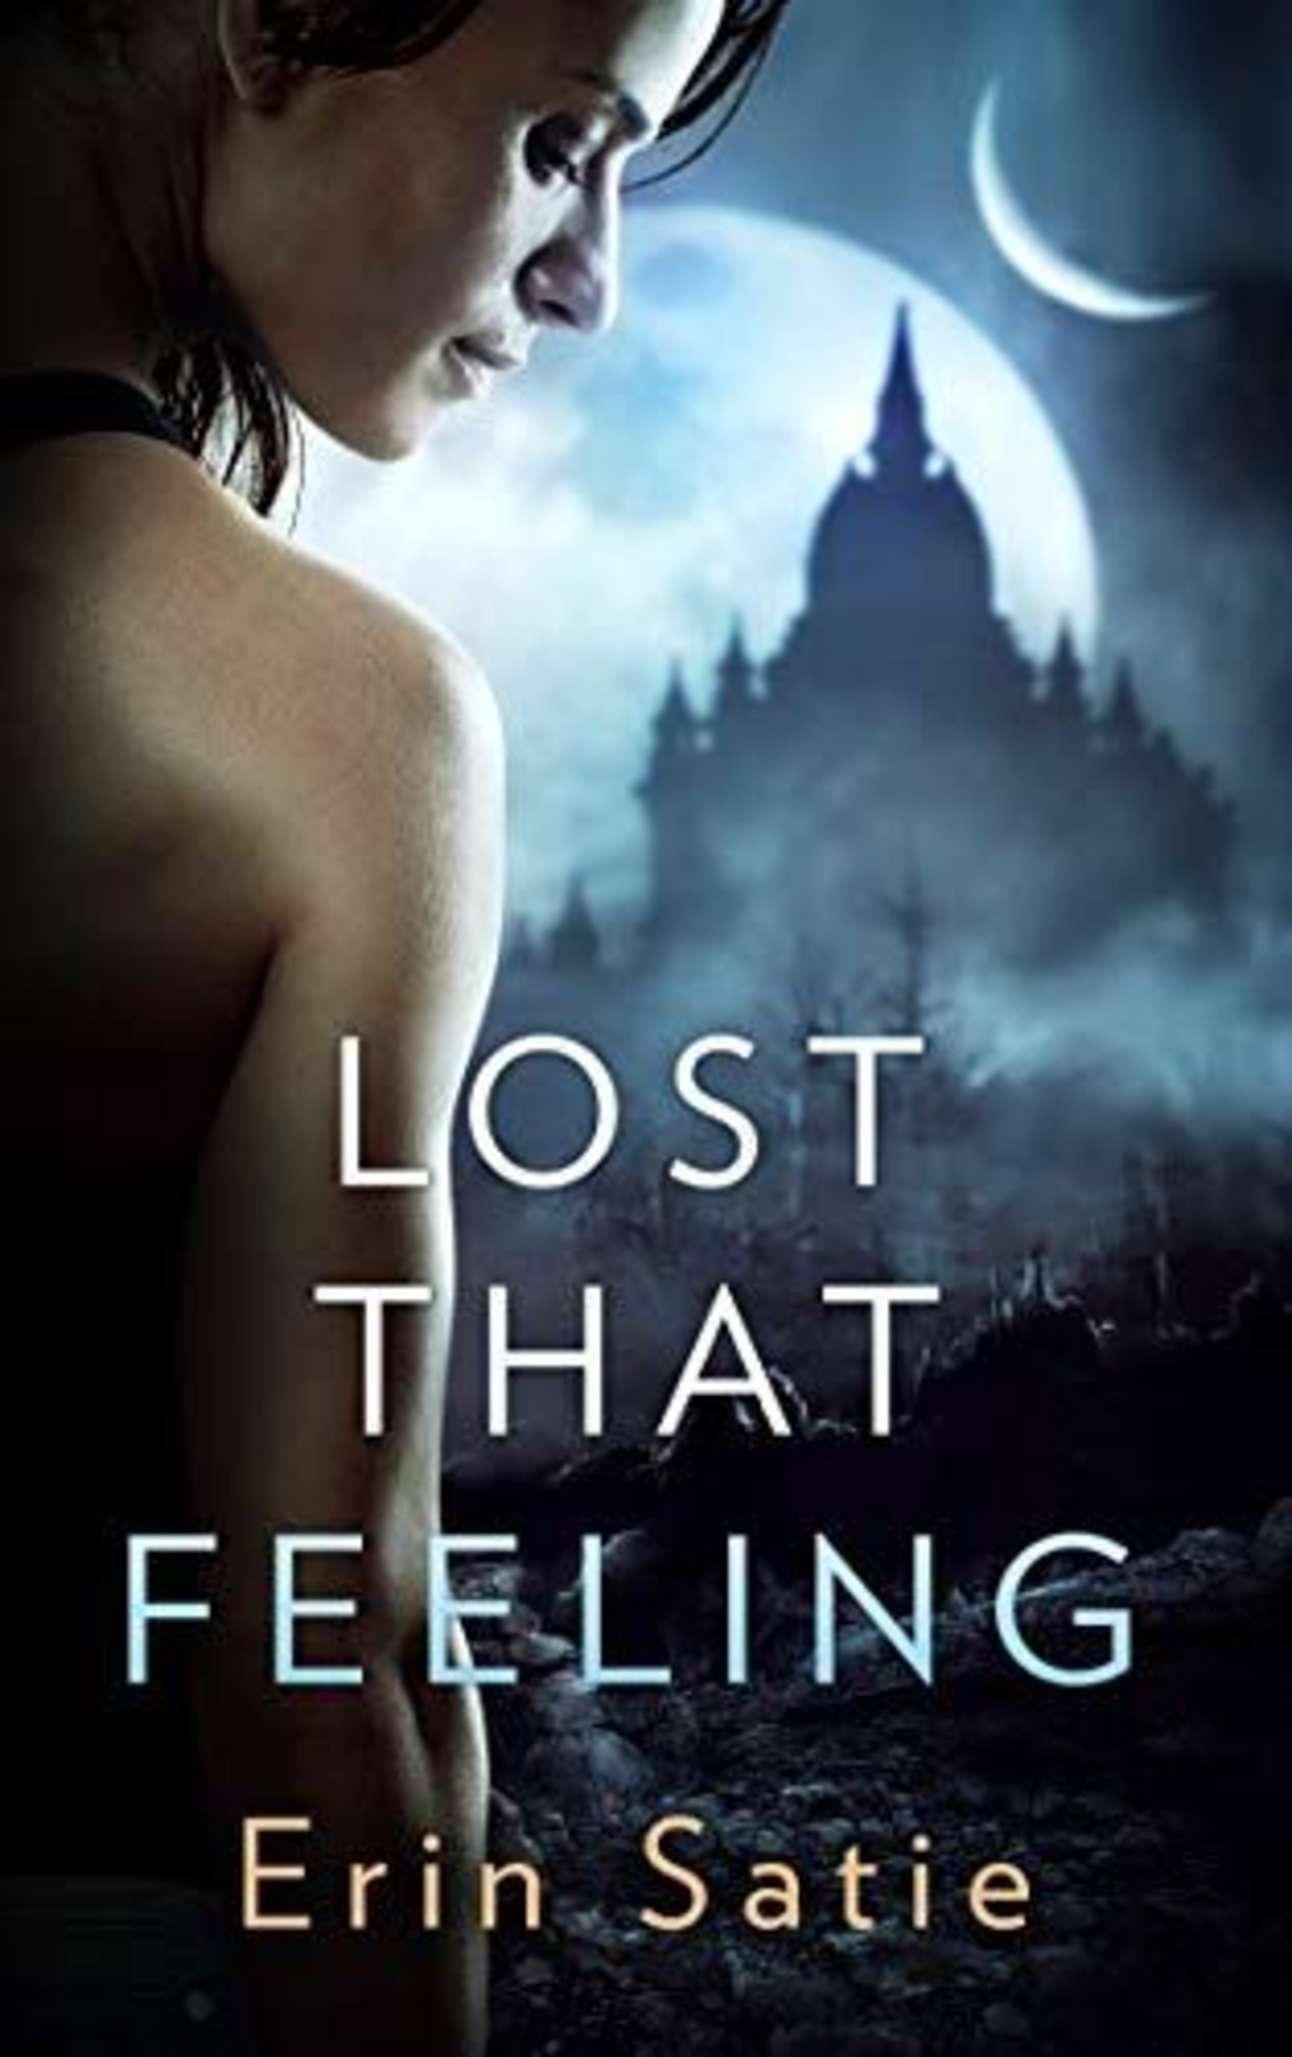 Lost That Feeling